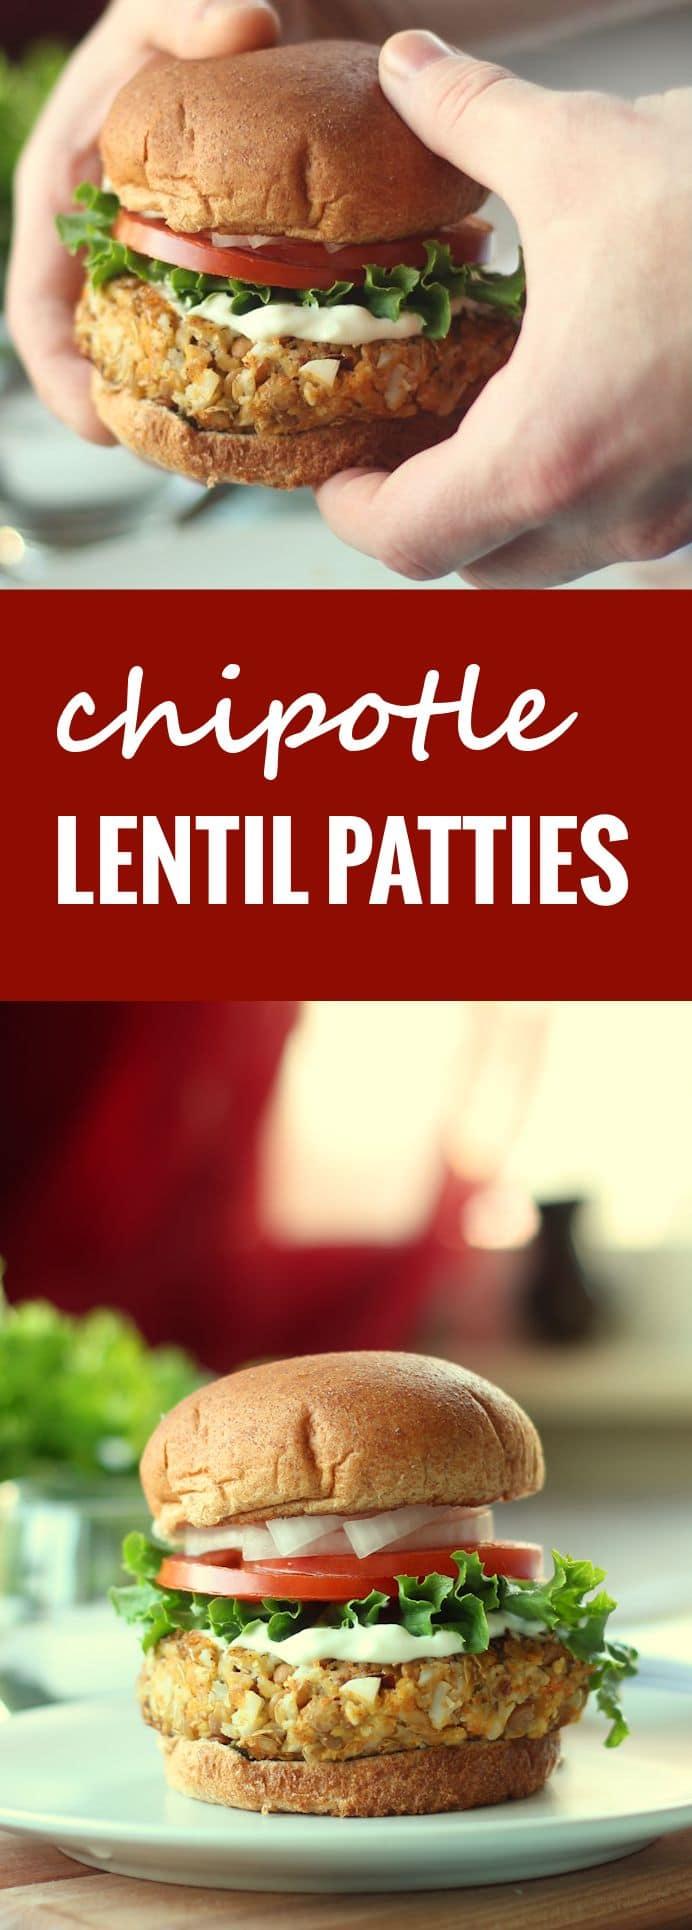 Chipotle Lentil Patties